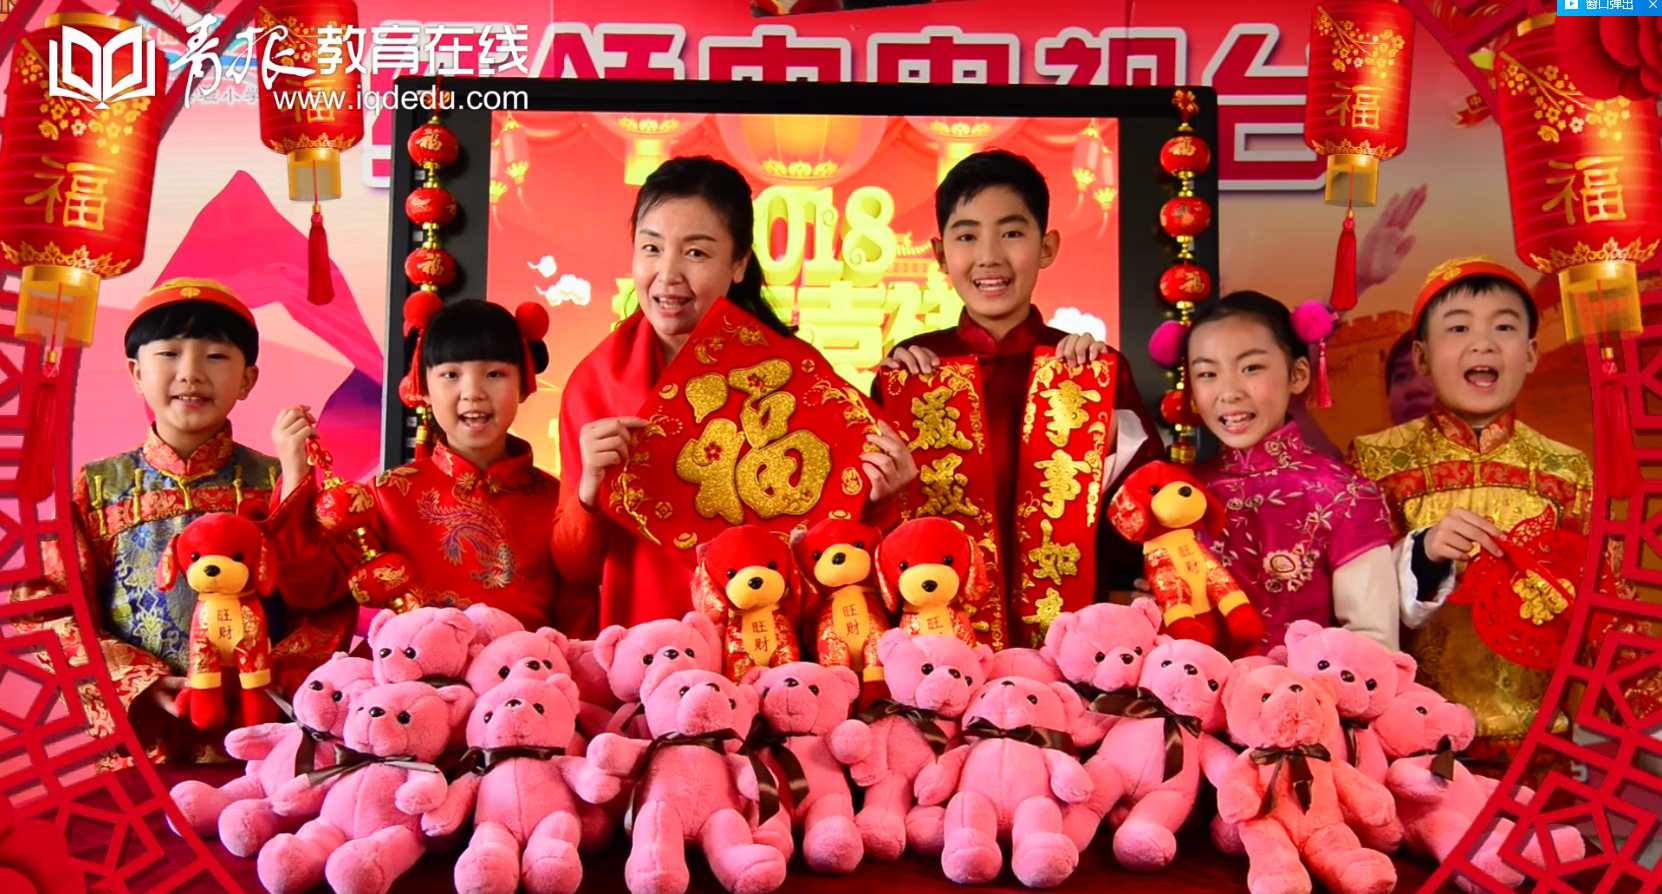 【视频】青岛市市南区实验小学祝您新春快乐万事如意!